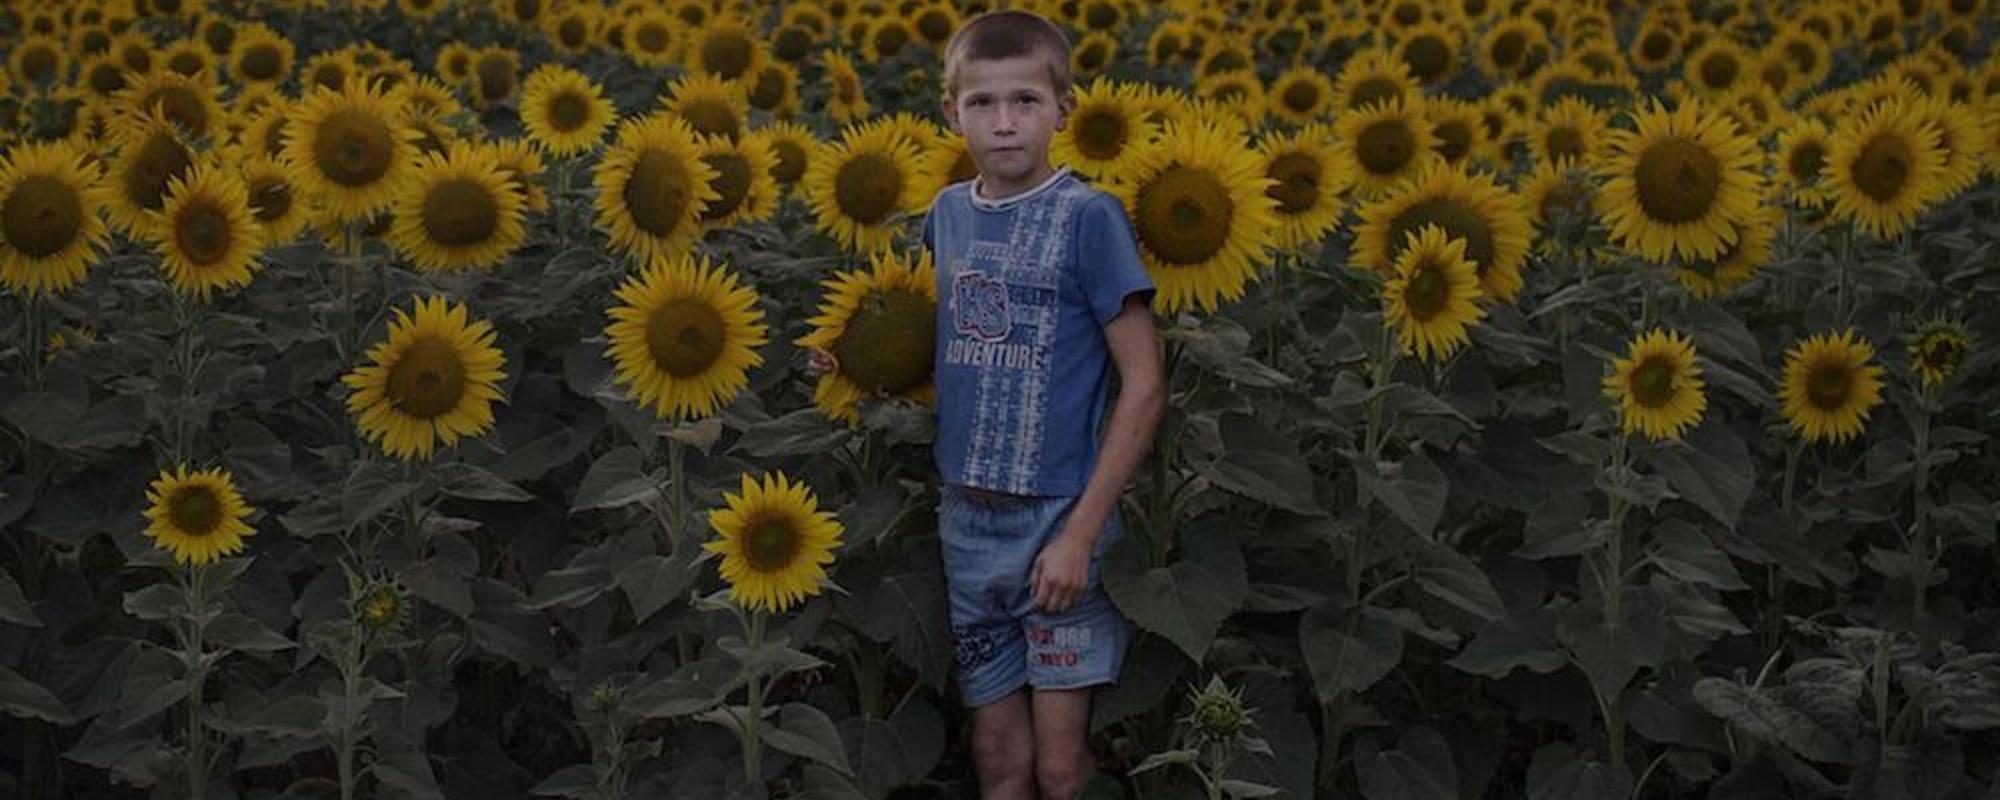 Fotos de la infancia en el país más pobre de Europa